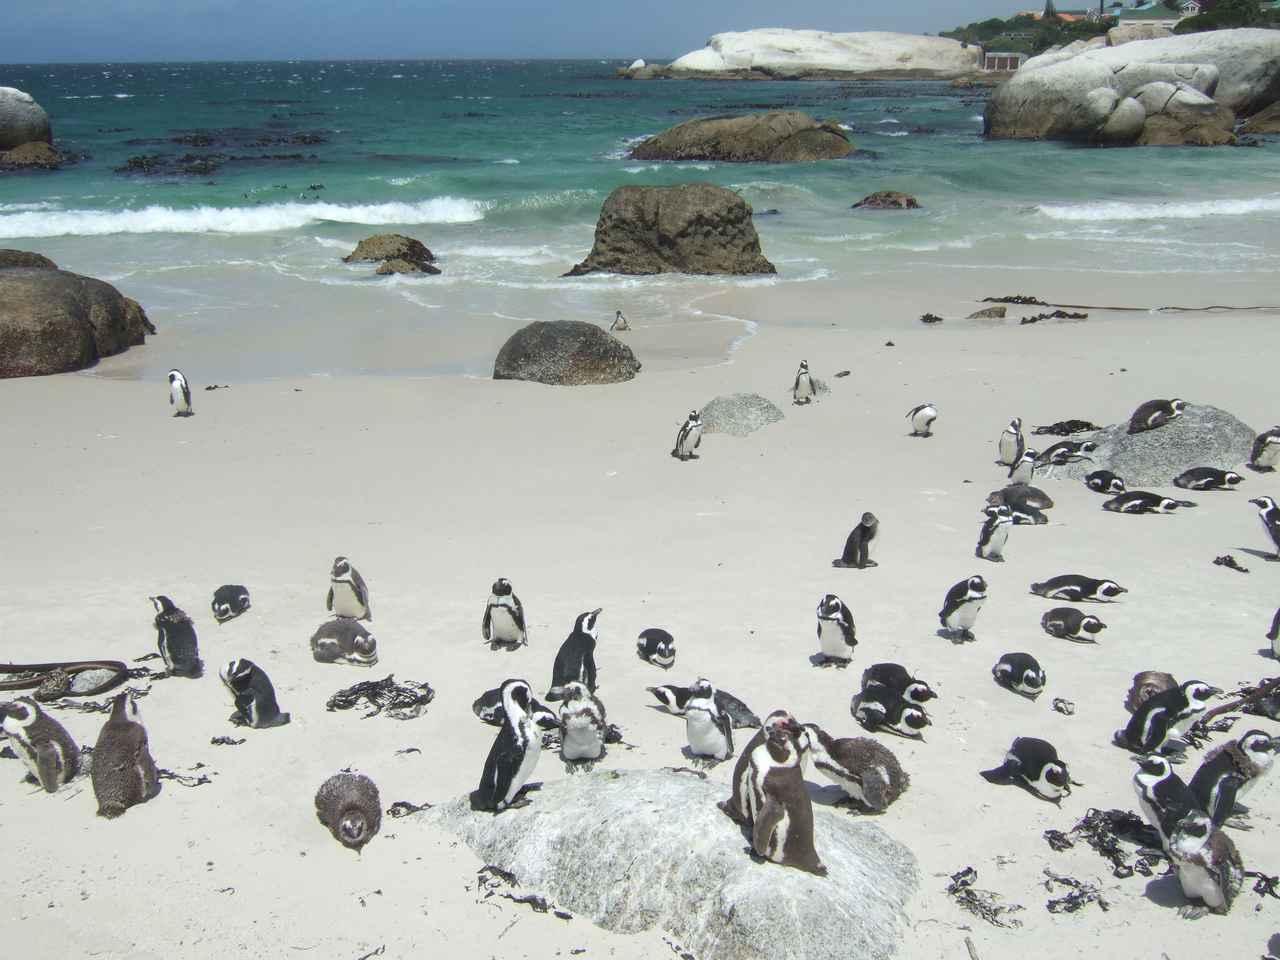 画像: ケープペンギンの営巣地 ボルダーズビーチ 可愛らしいペンギンに癒されます (弊社スタッフ撮影※諸条件によりご覧いただけない場合があります)